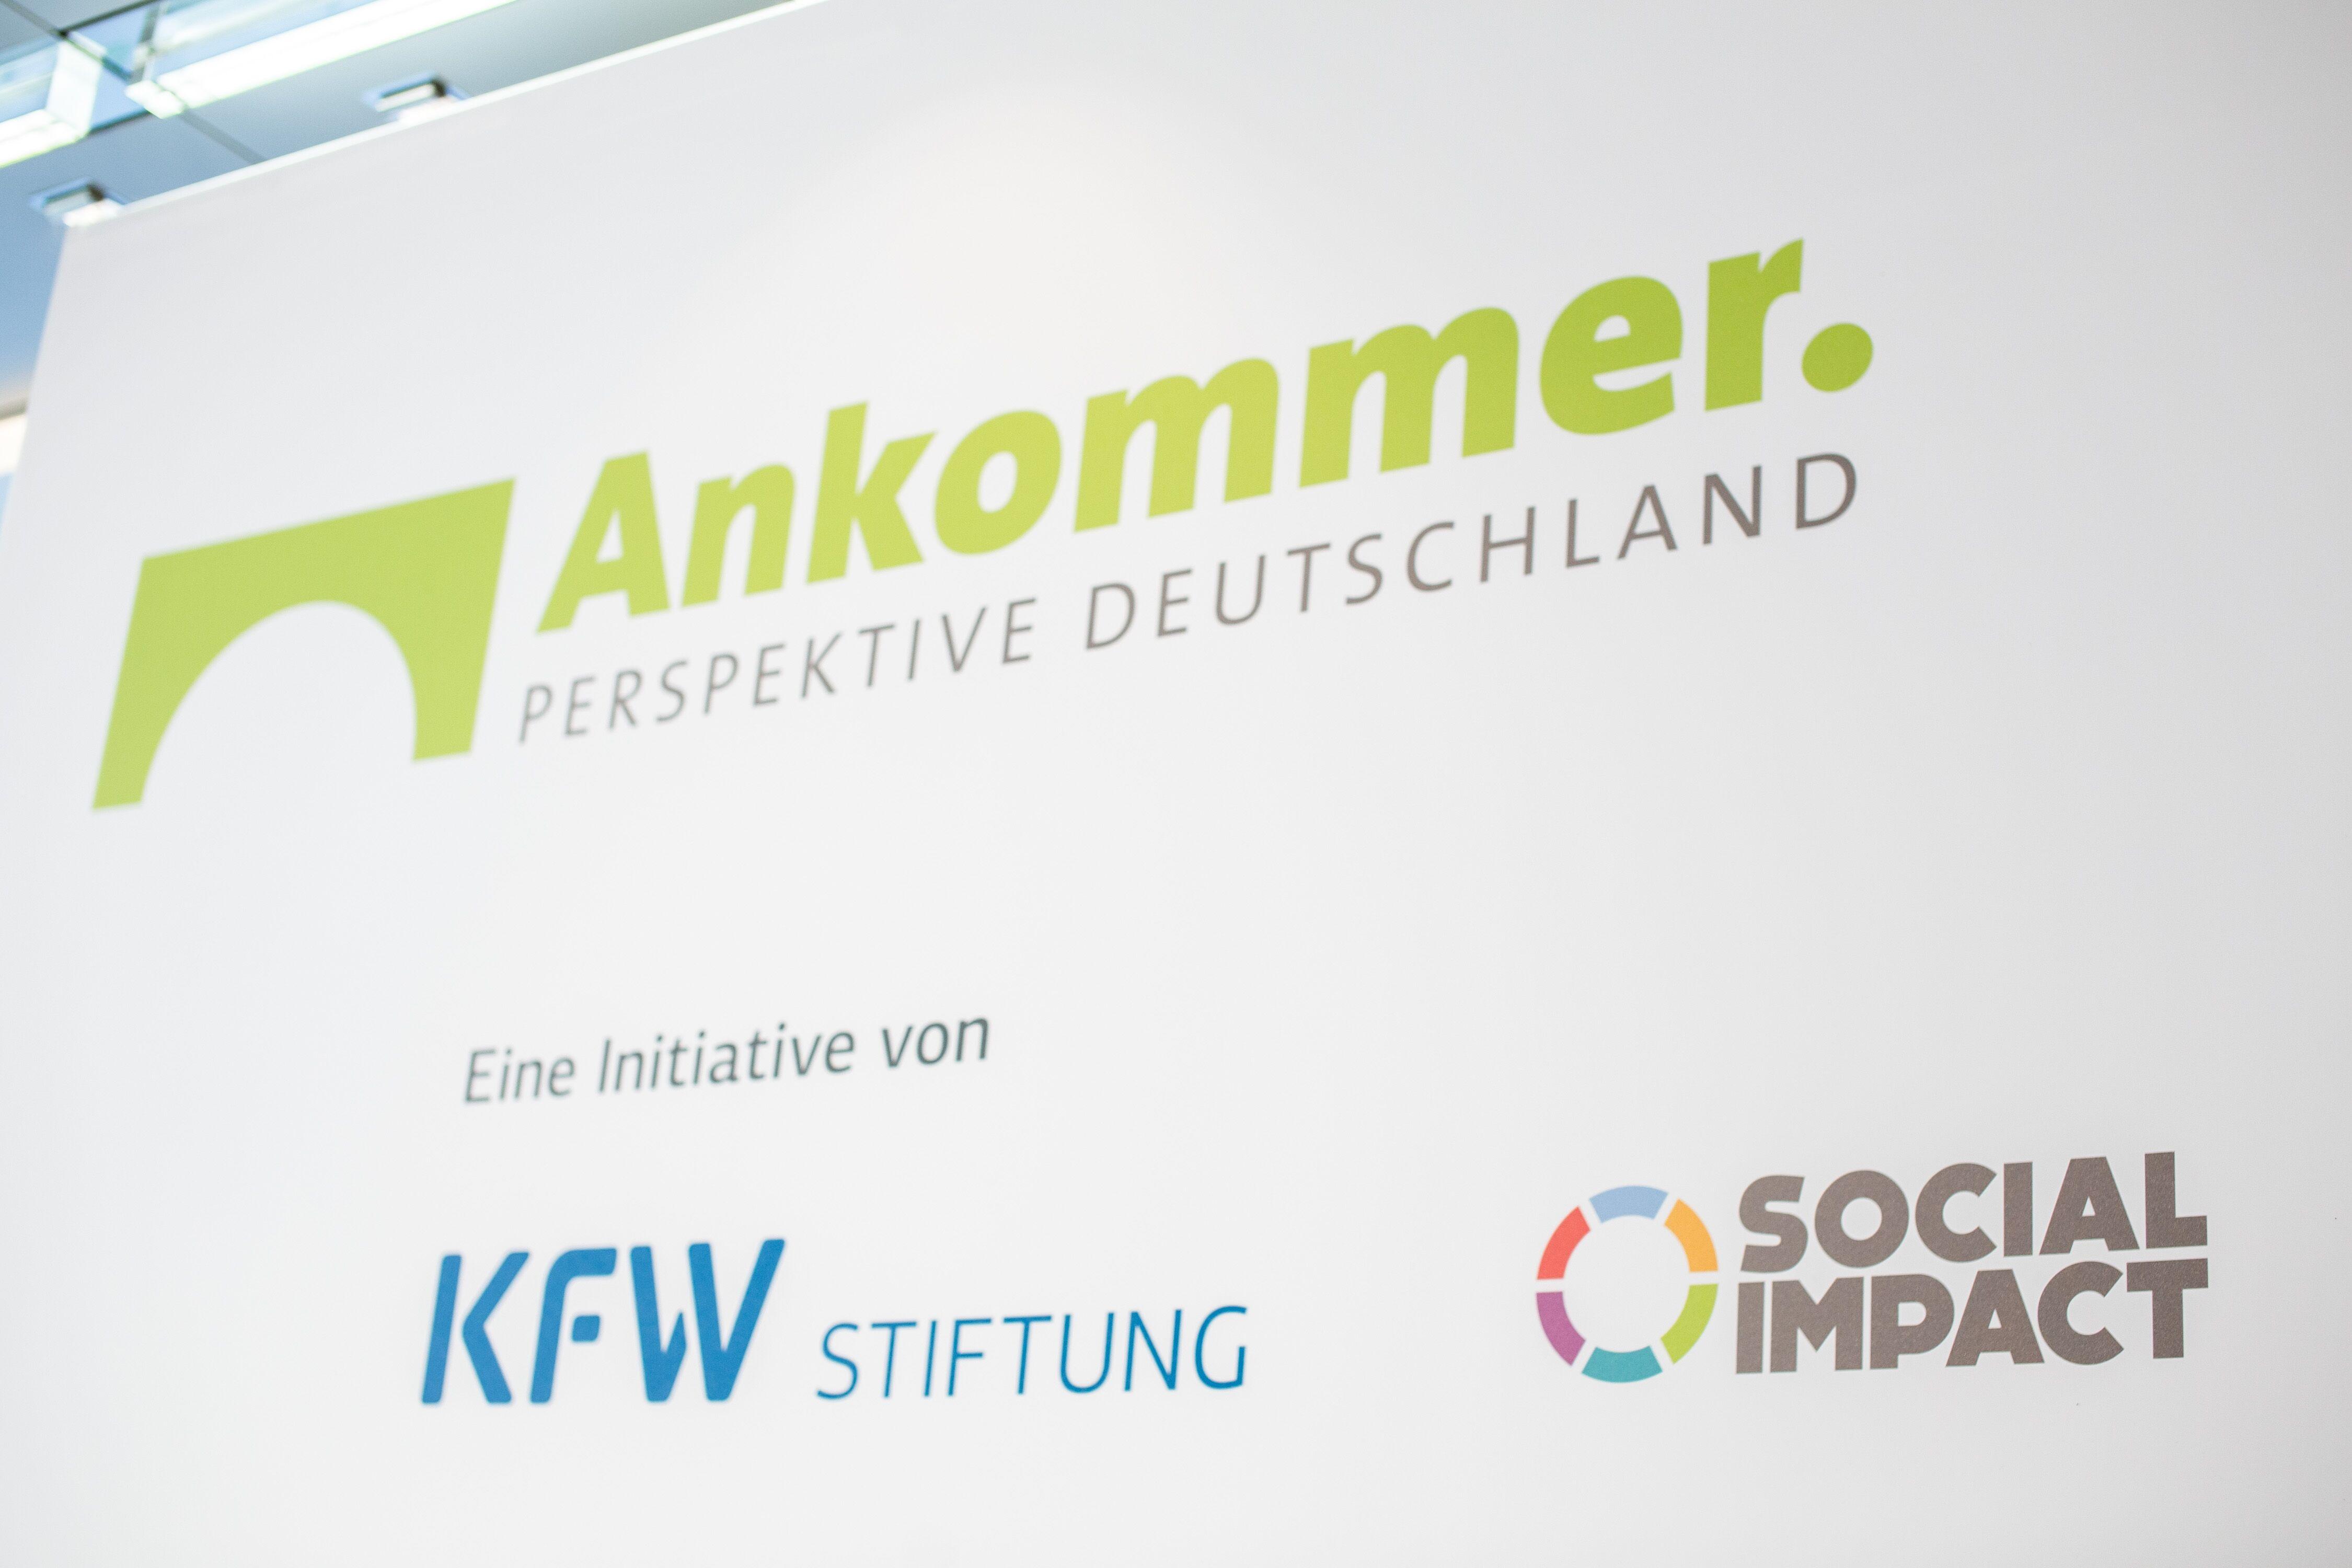 titelbild kfw - Ankommer. Perspektive Deutschland